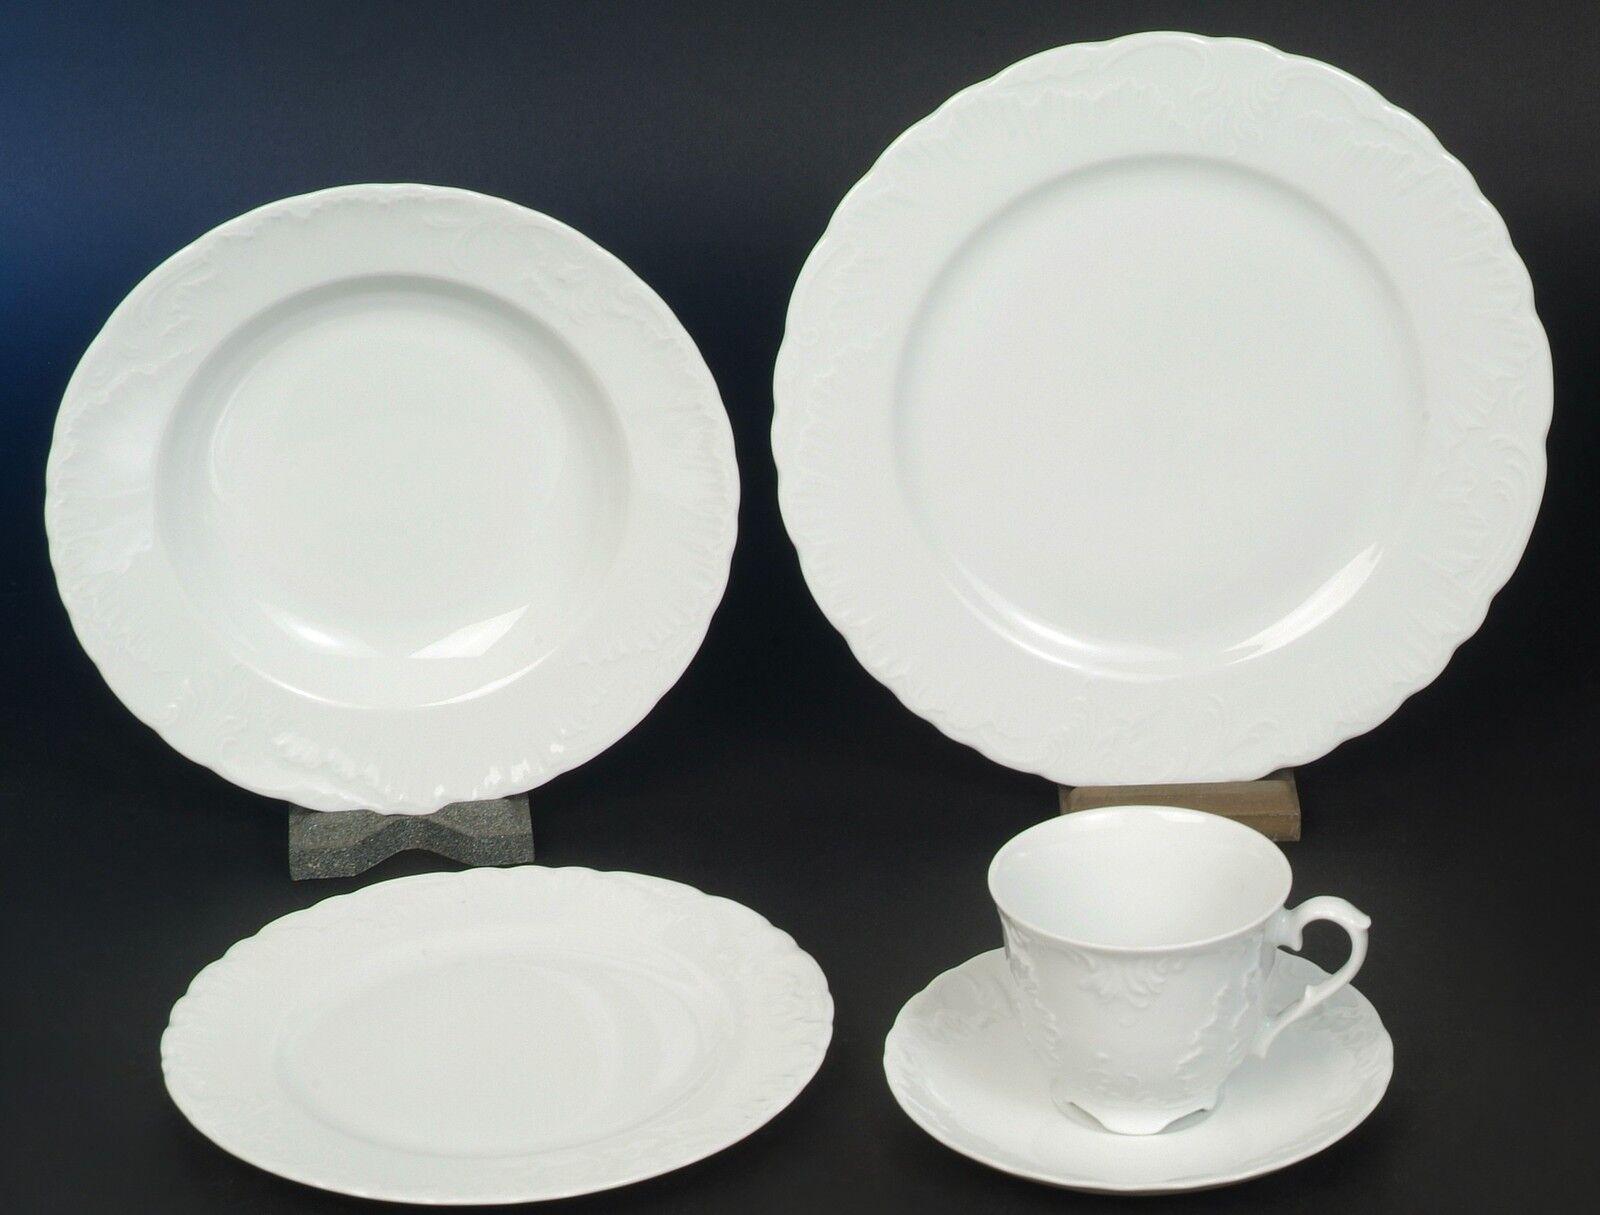 Rocaille 2 Blanc Combi service 6 personnes 50 pièces porcelaine vaisselle set NOUVEAU